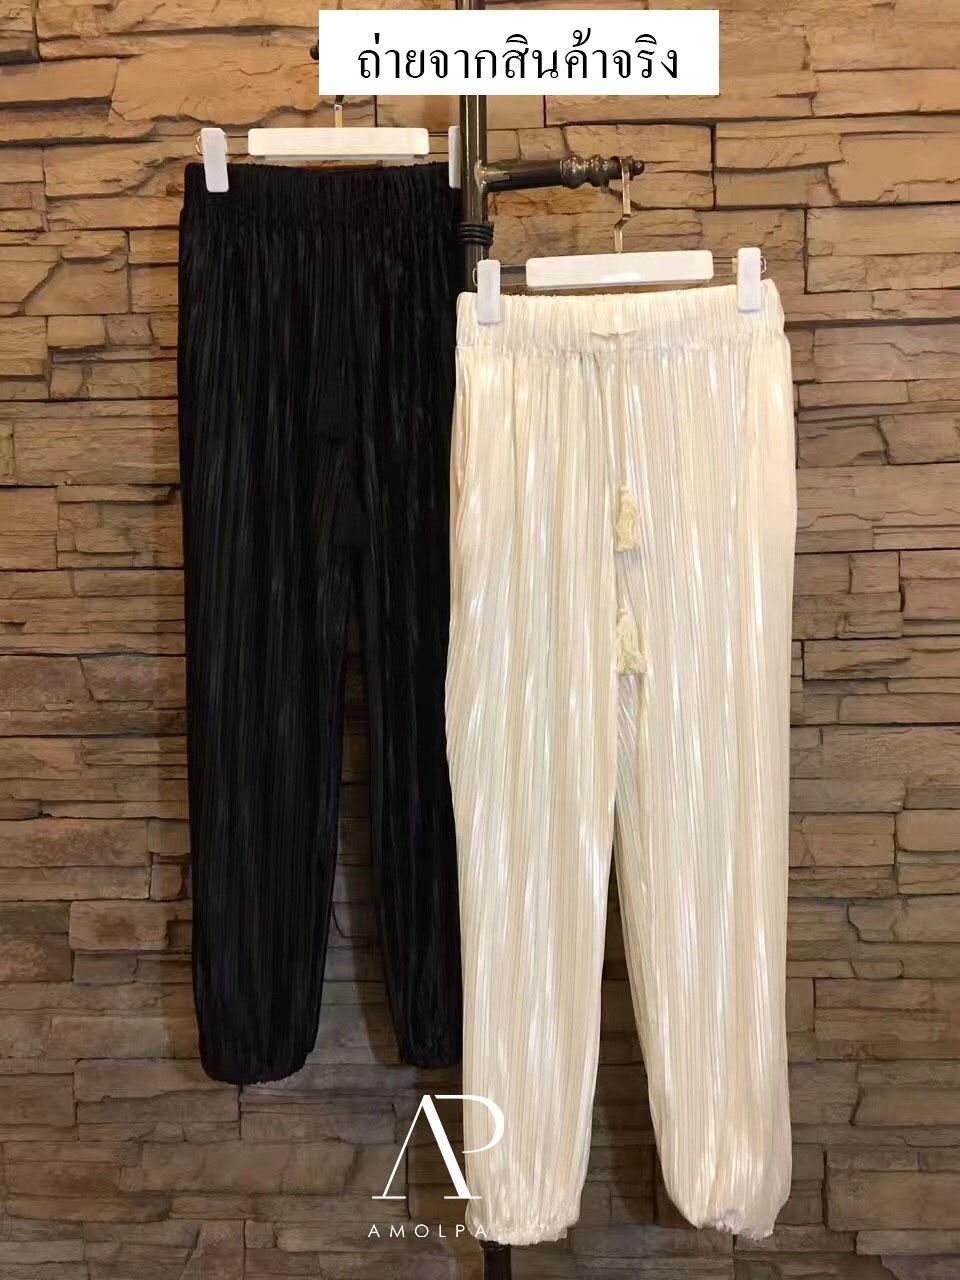 เสื้อผ้าแฟชั่นพร้อมส่ง กางเกงอัดพลีทรุ่นฮอต ฮิตสุดๆ กางเกงปลายขาจั้ม